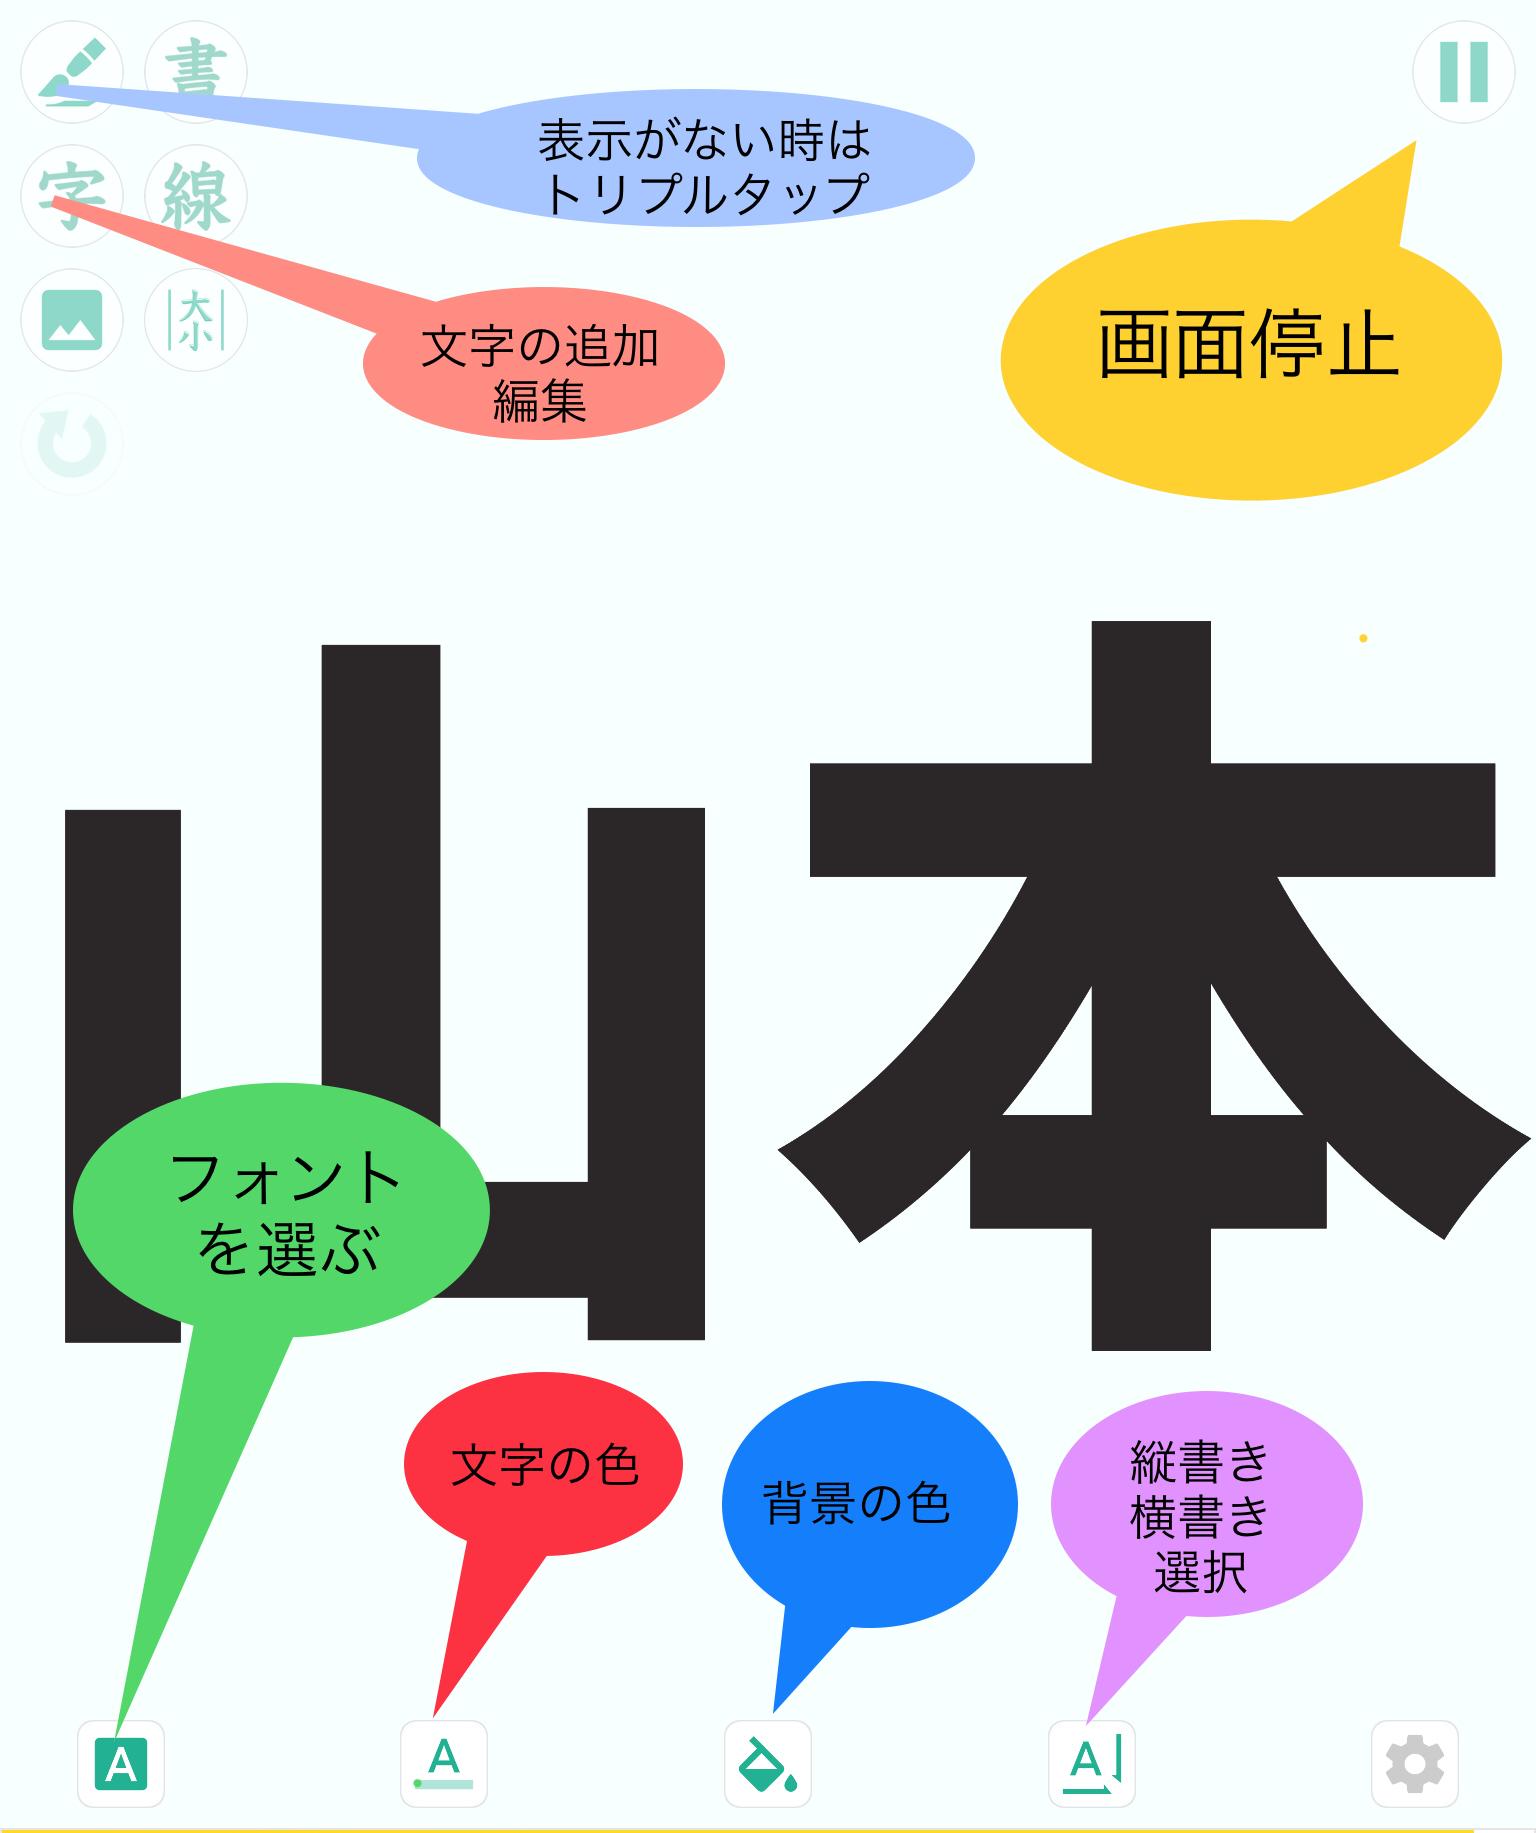 清書アプリ説明